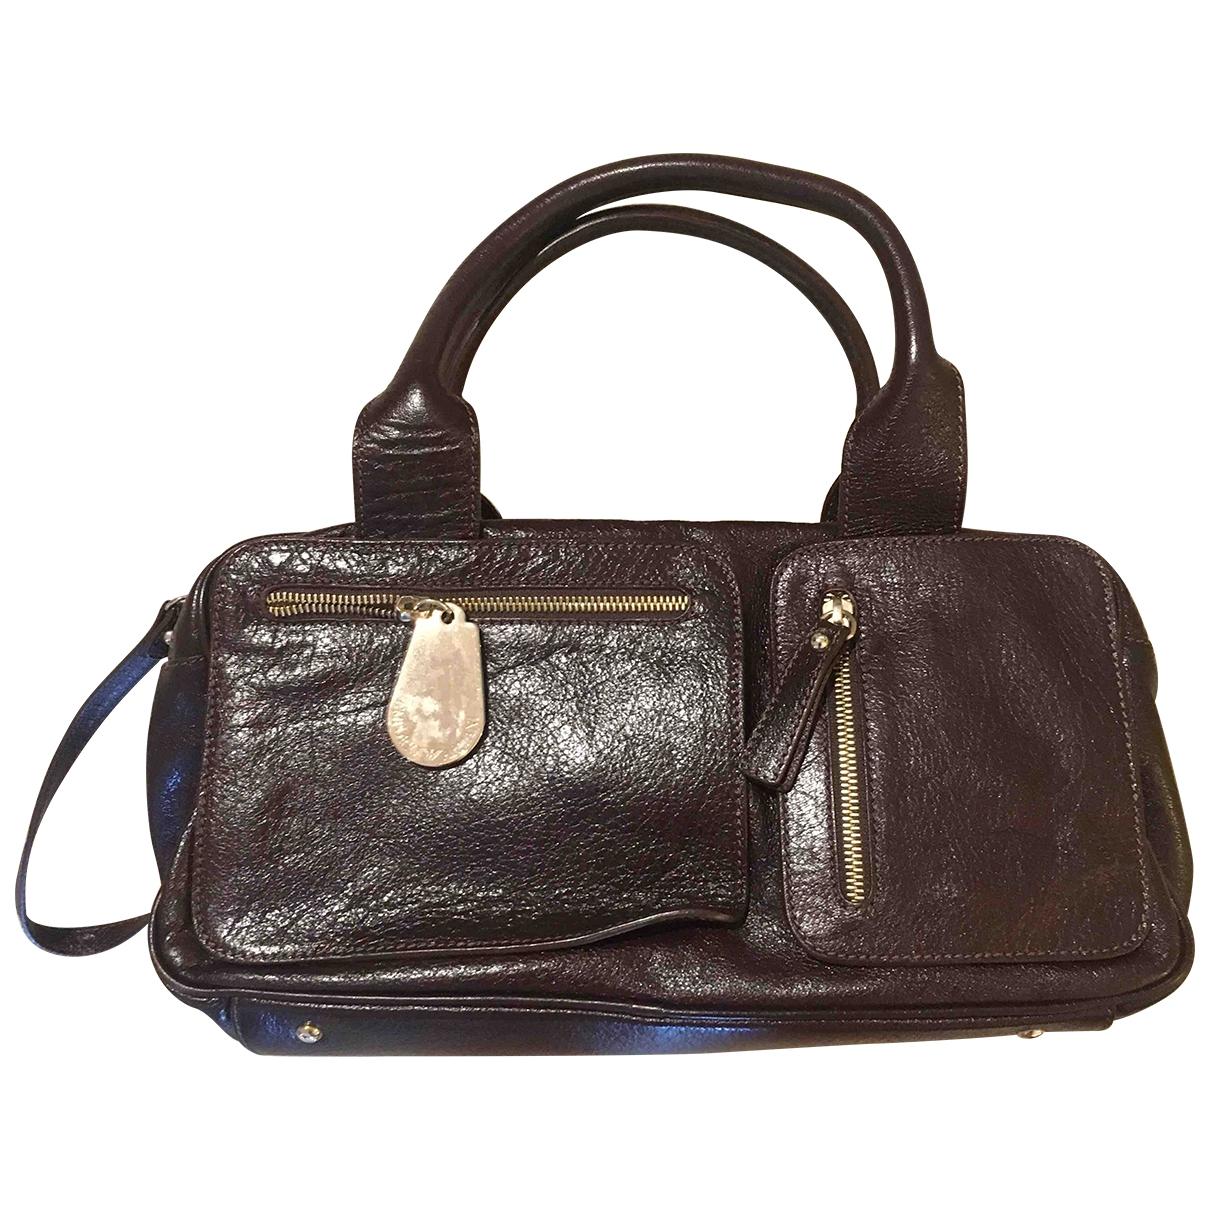 Emporio Armani \N Handtasche in  Braun Leder